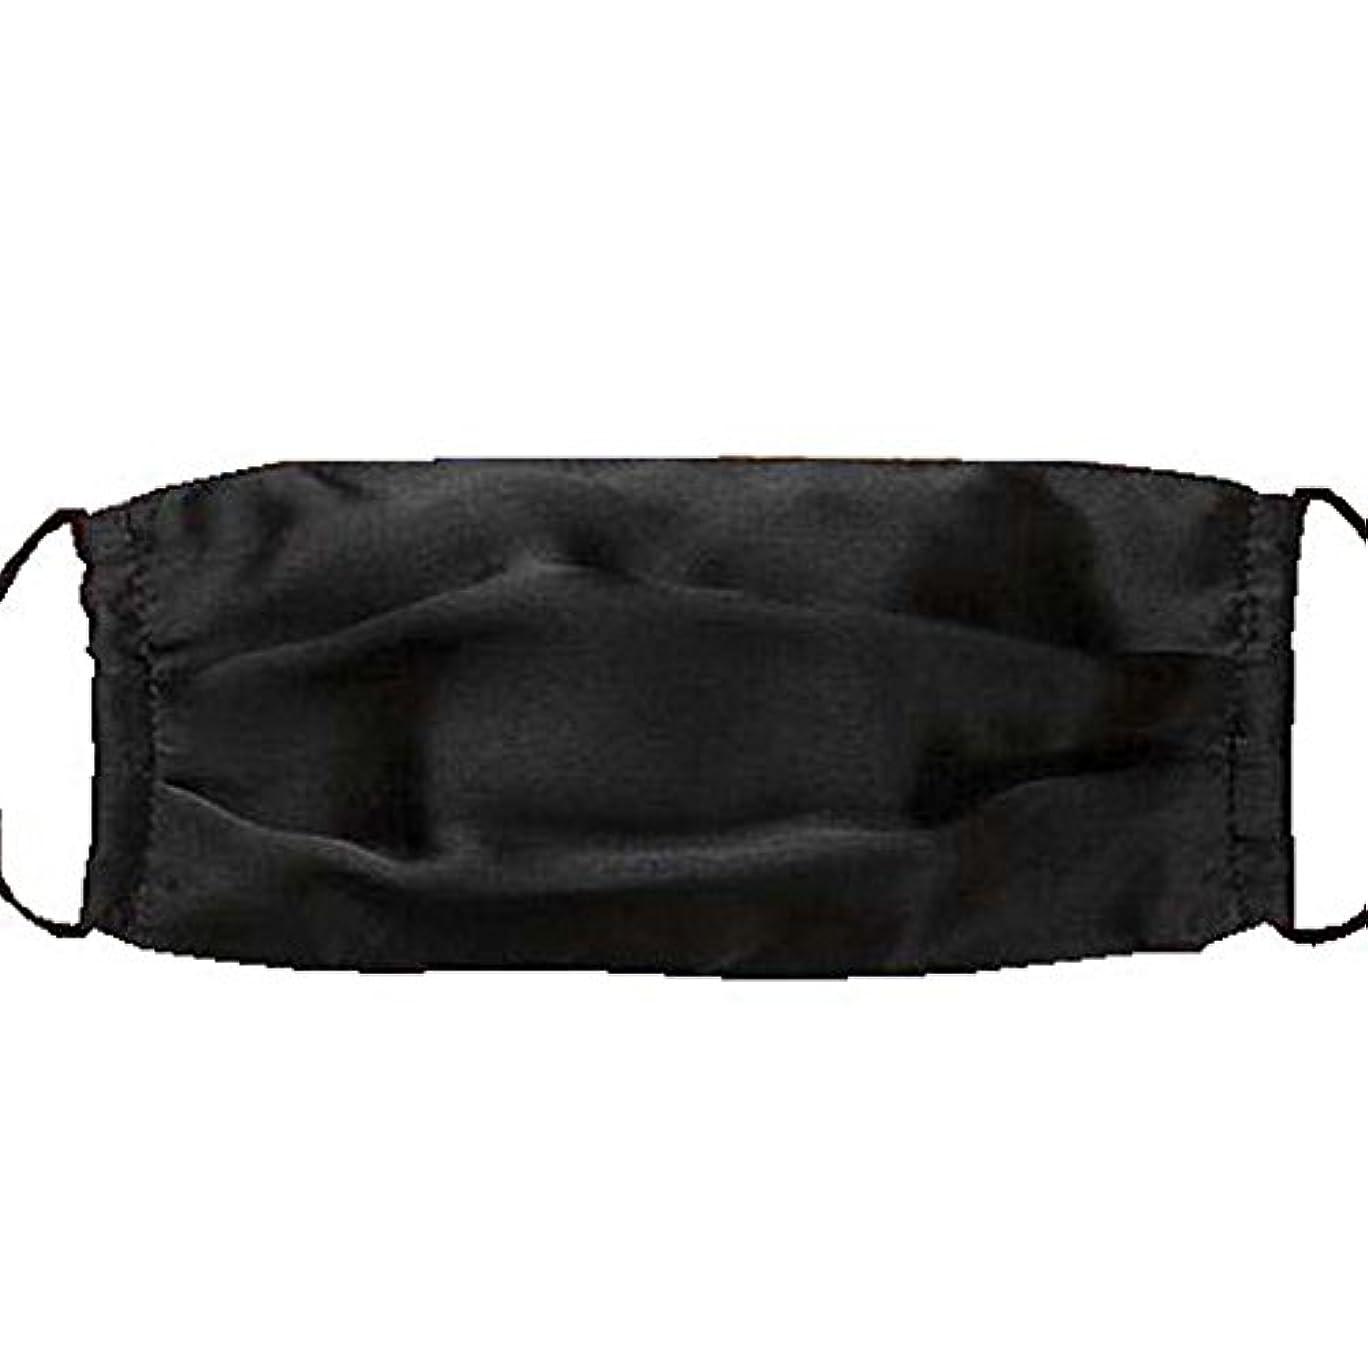 再使用可能な洗浄可能な活性炭シルクウォームPM 2.5ダストマスクインフルエンザマスク